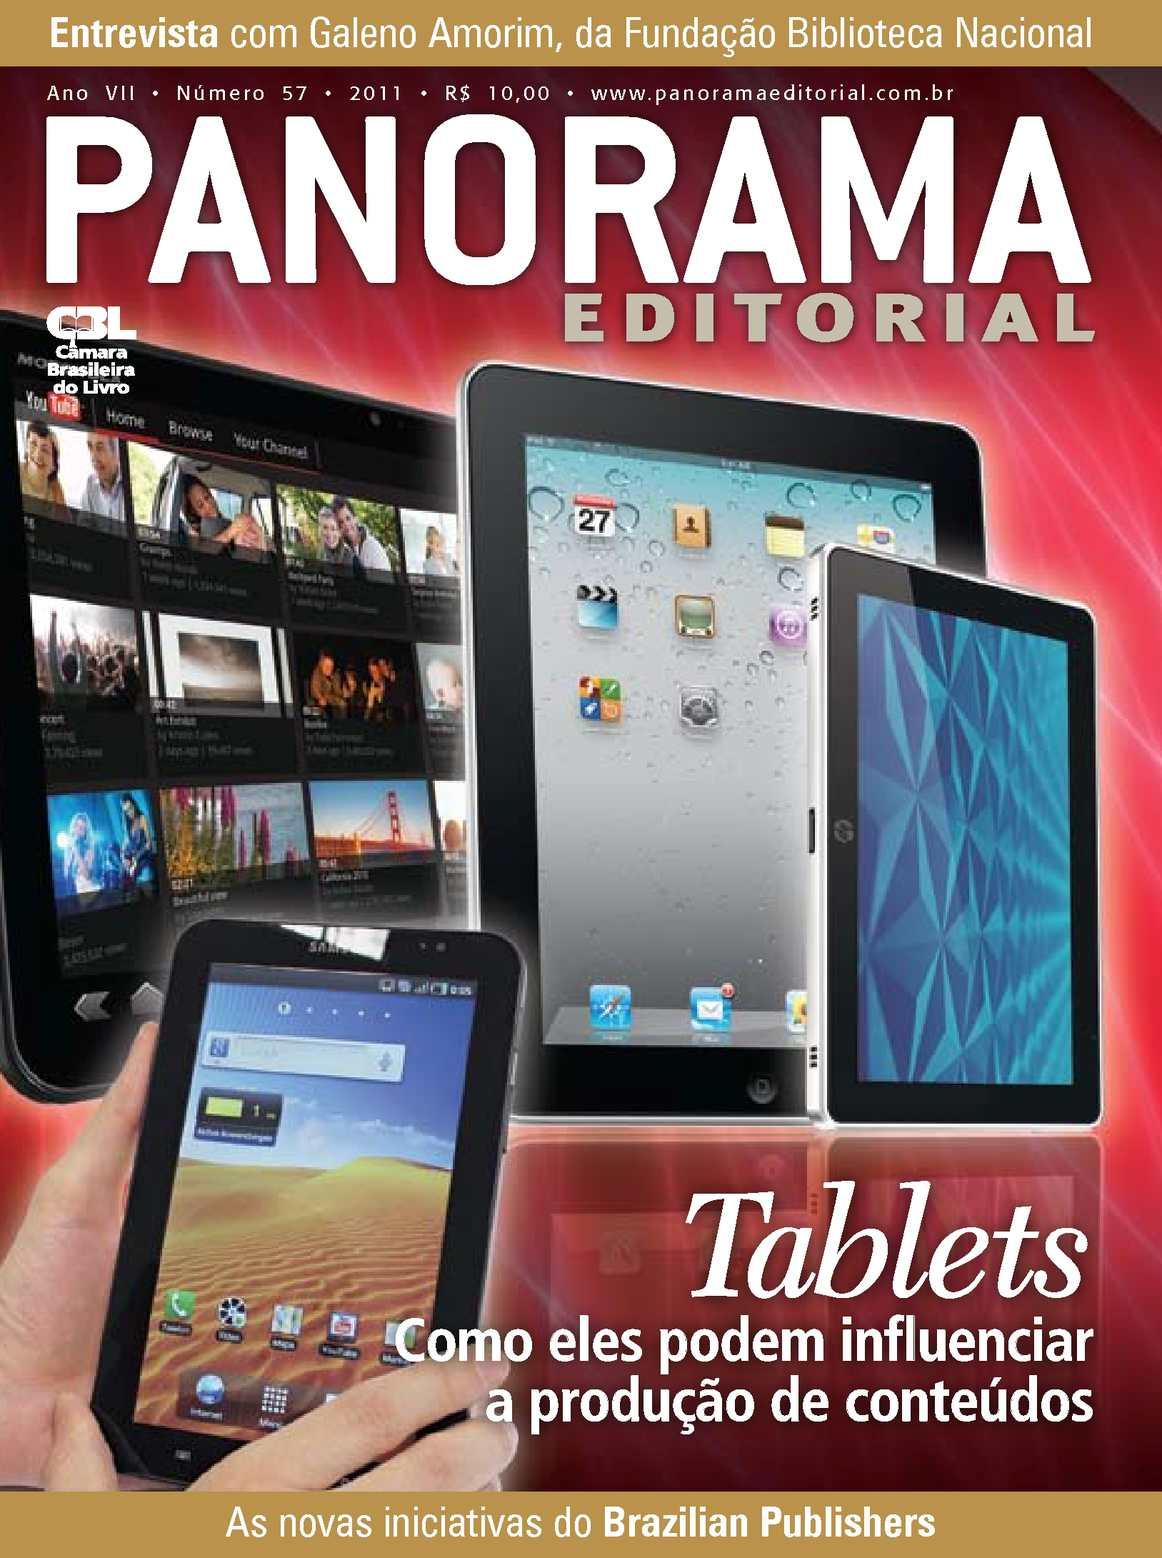 8e3de4310 Calaméo - Panorama Editorial - Edição 57